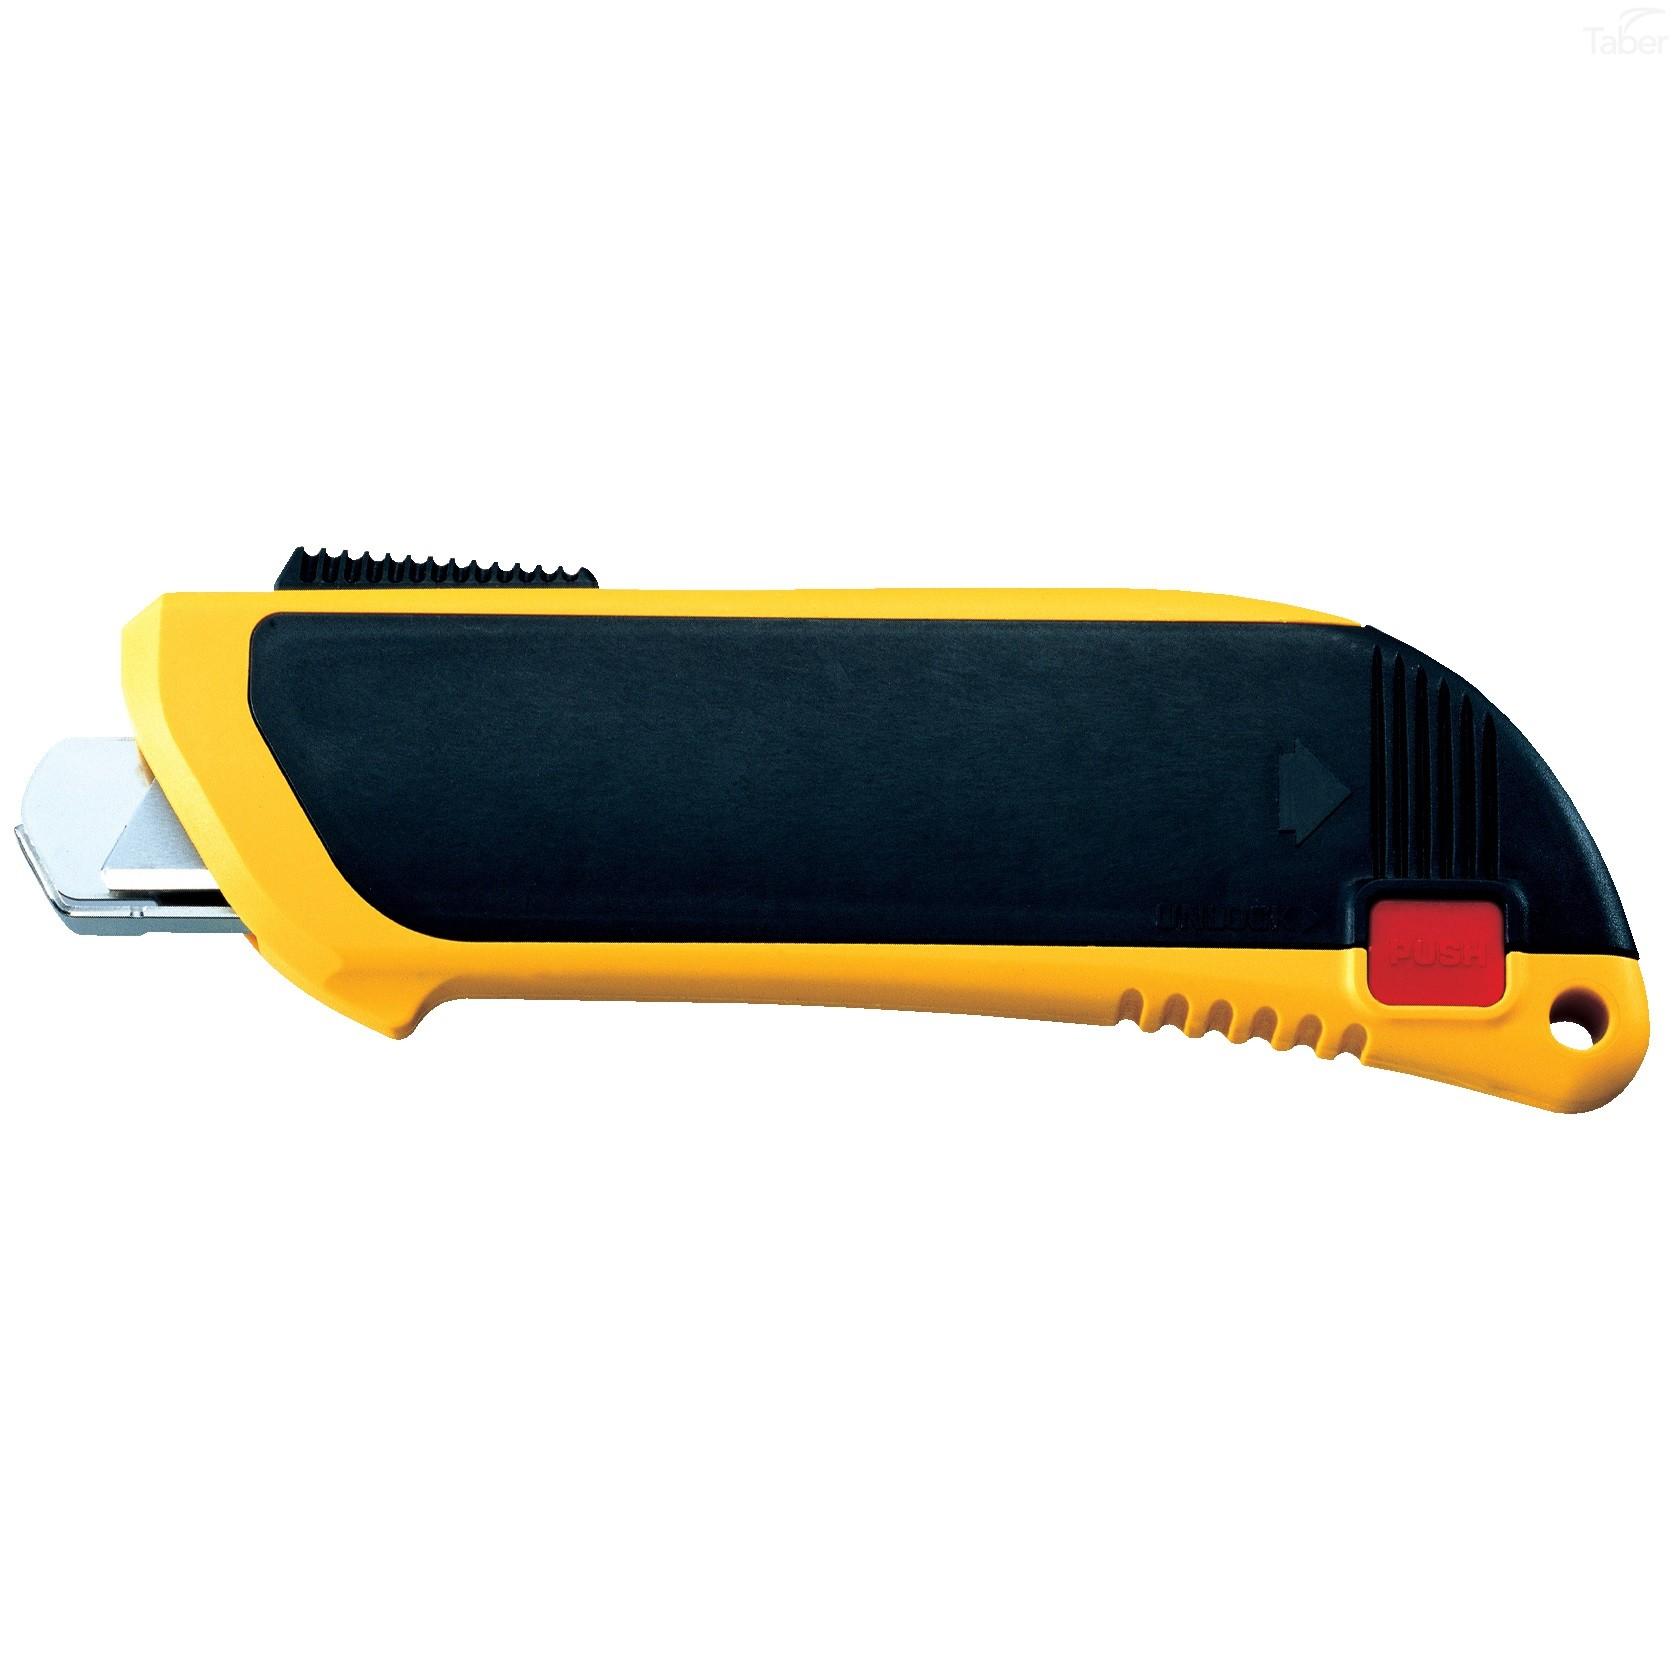 Olfa SK-6 Safety Knife